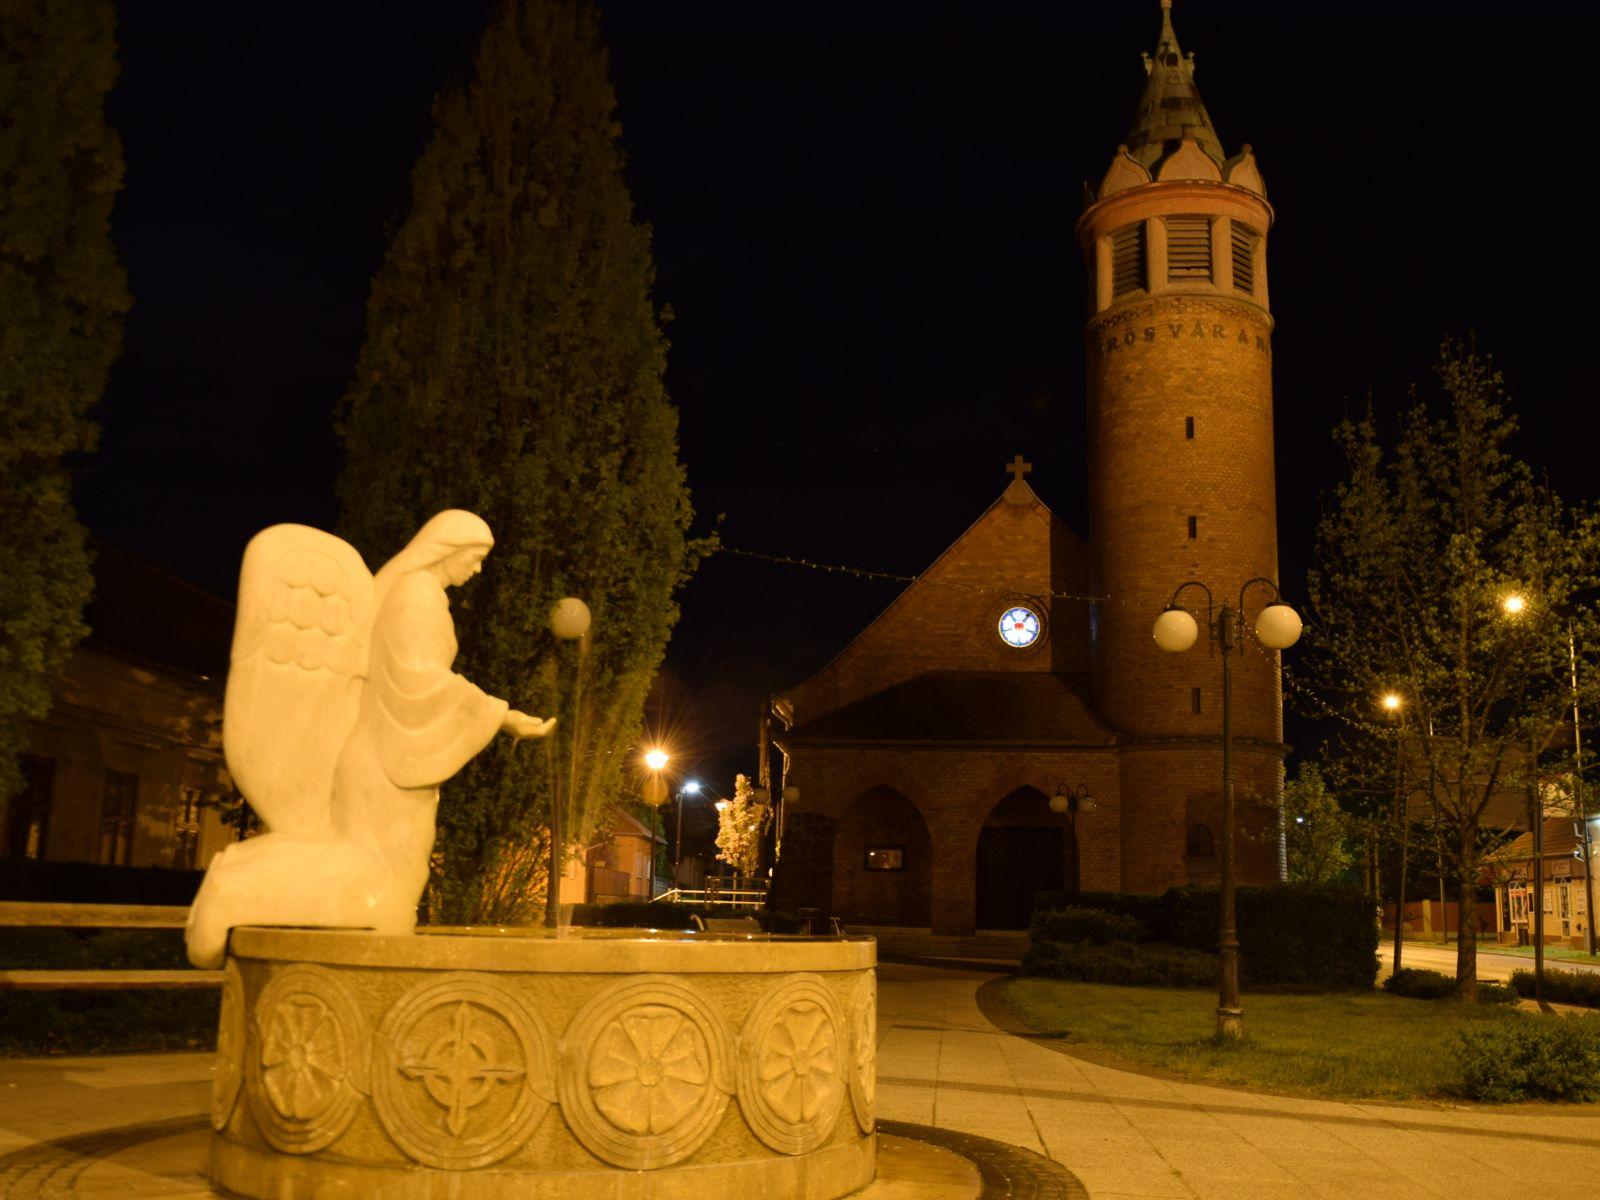 80 éves az evangélikus templom Monoron